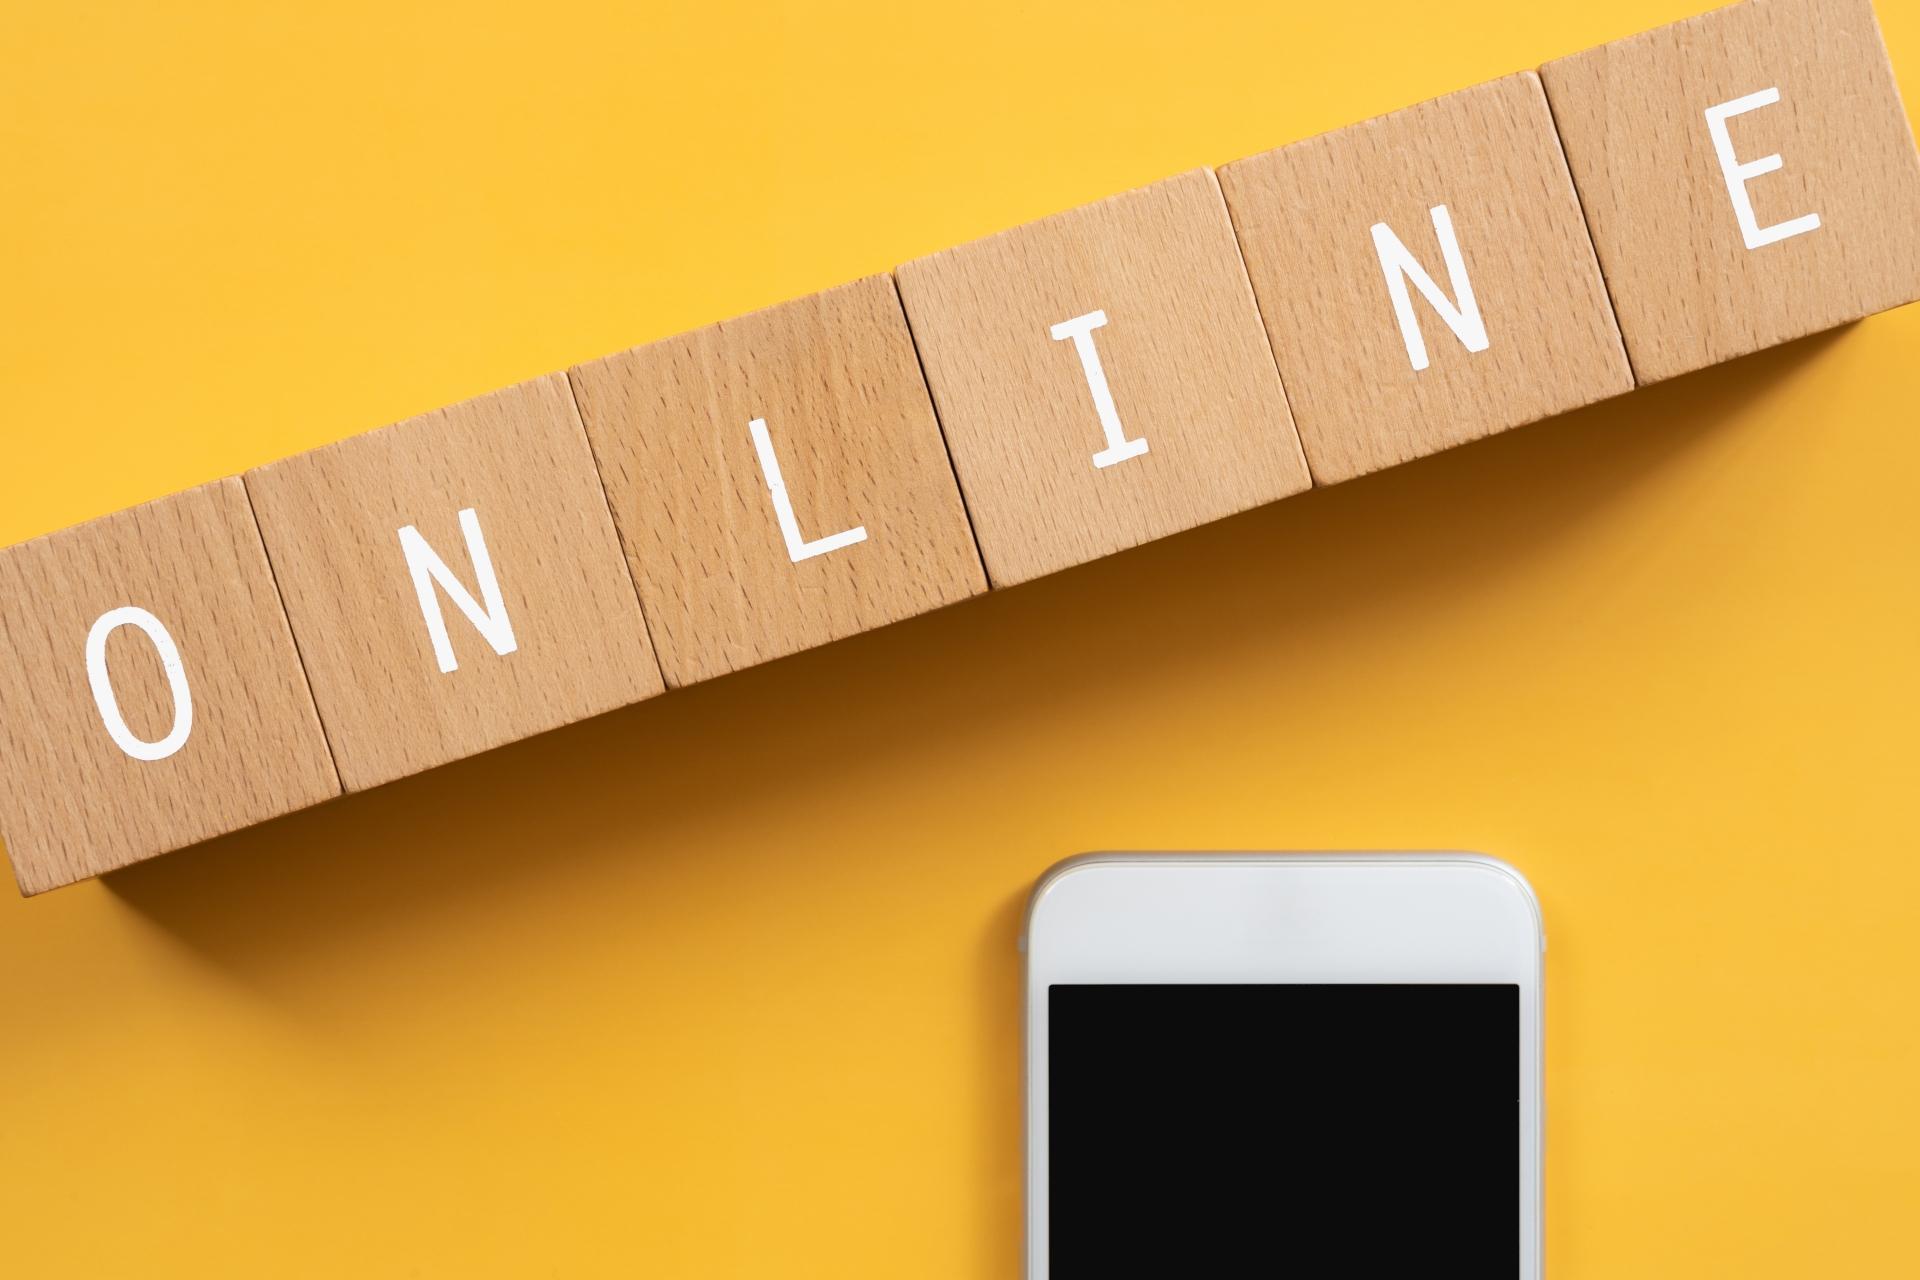 オンライン環境での新たな社内交流イベントの裏側